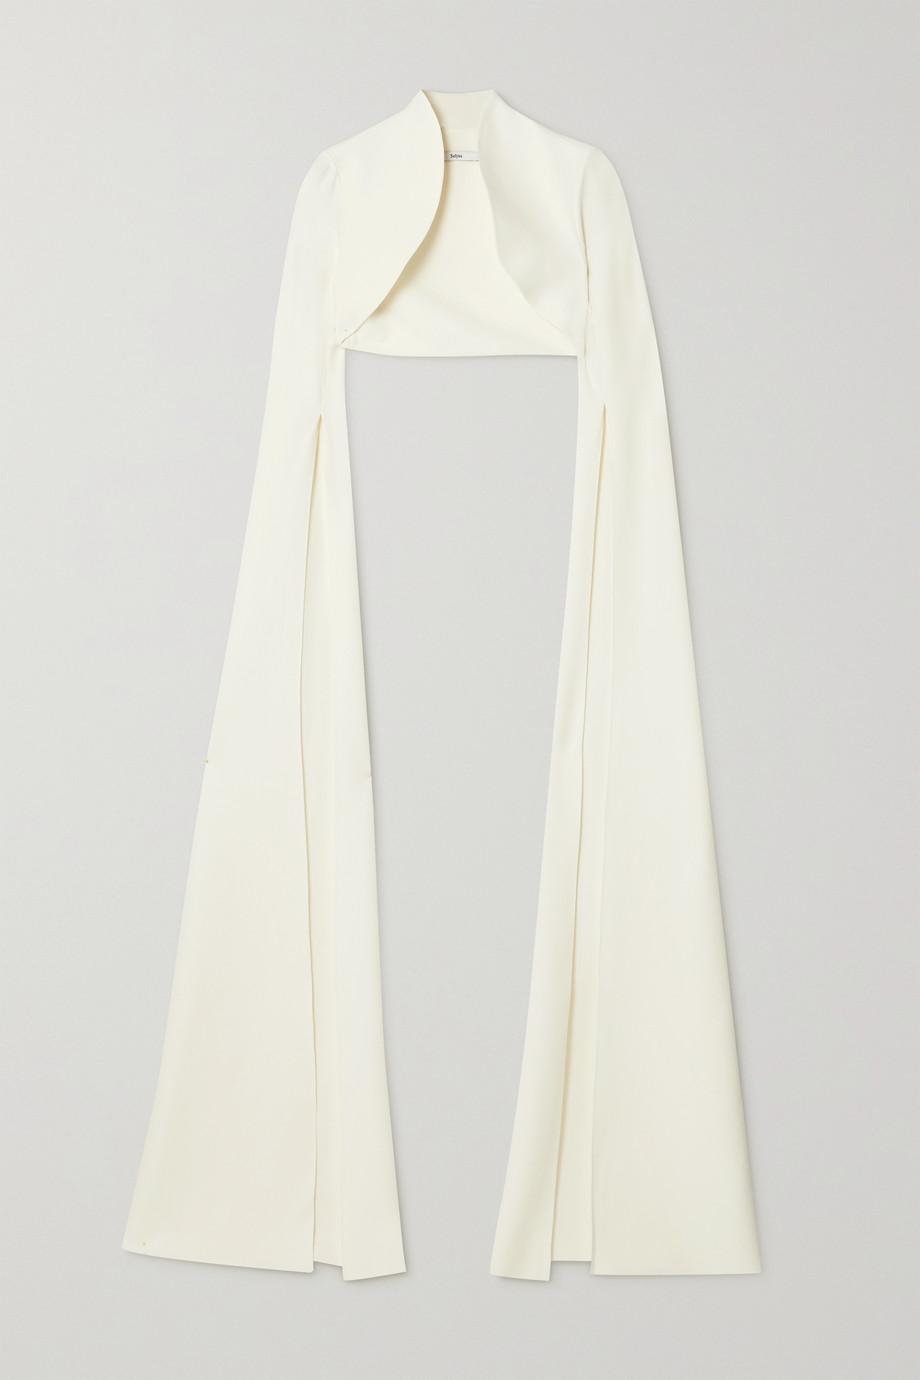 Safiyaa 绉纱短款外套